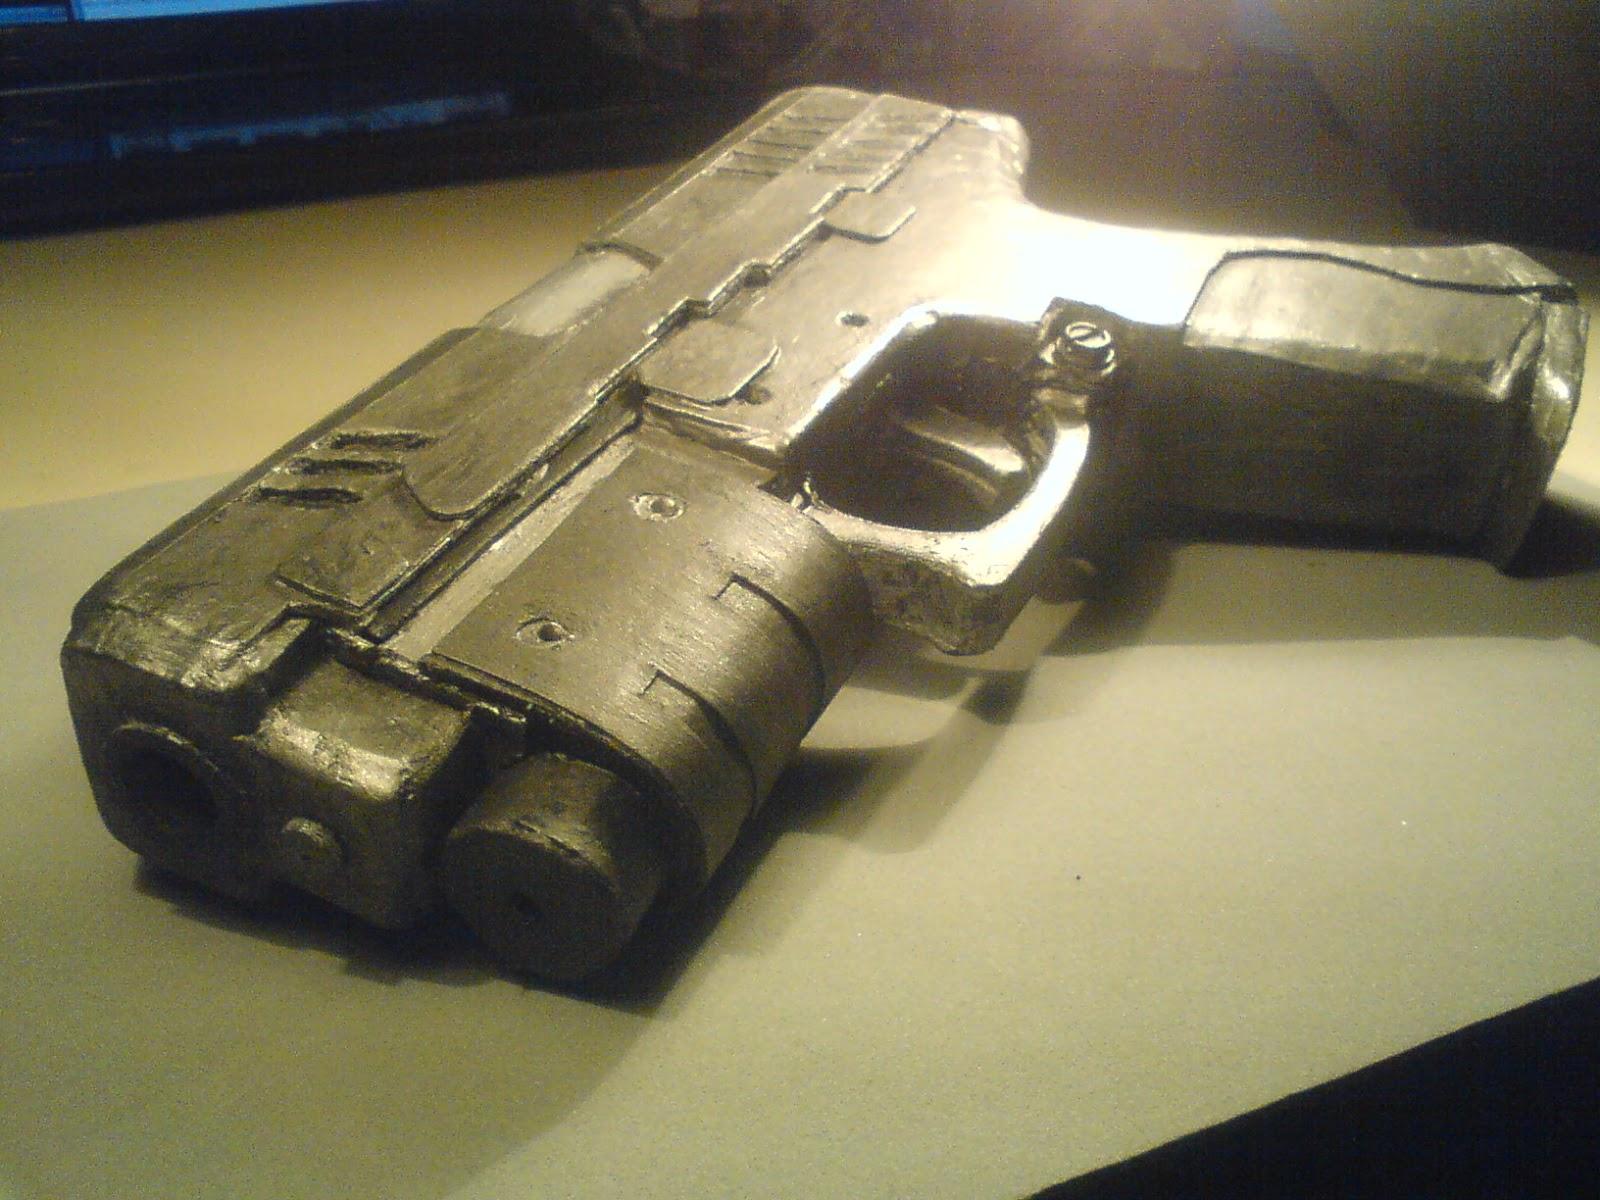 Pistola Blacktail - Resident Evil DSC04509